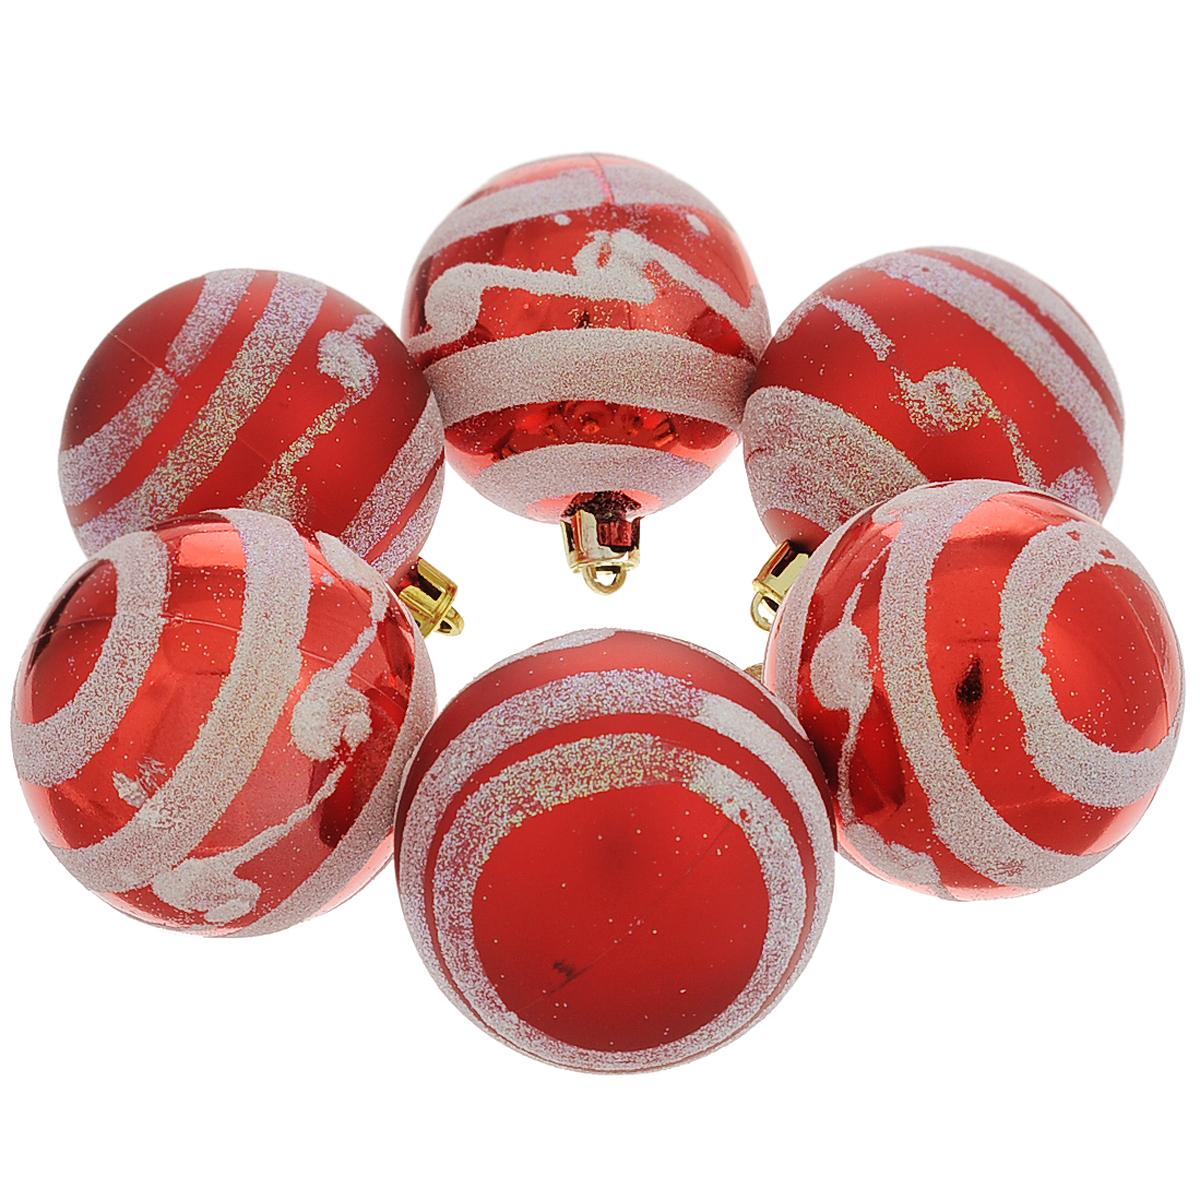 Набор новогодних подвесных украшений Шар, цвет: красный, серебристый, диаметр 6 см, 6 шт. 3550435504Набор новогодних подвесных украшений Шар прекрасно подойдет для праздничного декора новогодней ели. Состоит из шести шаров. Елочная игрушка - символ Нового года. Она несет в себе волшебство и красоту праздника. Создайте в своем доме атмосферу веселья и радости, украшая новогоднюю елку нарядными игрушками, которые будут из года в год накапливать теплоту воспоминаний. Коллекция декоративных украшений принесет в ваш дом ни с чем несравнимое ощущение волшебства! Откройте для себя удивительный мир сказок и грез. Почувствуйте волшебные минуты ожидания праздника, создайте новогоднее настроение вашим дорогим и близким.